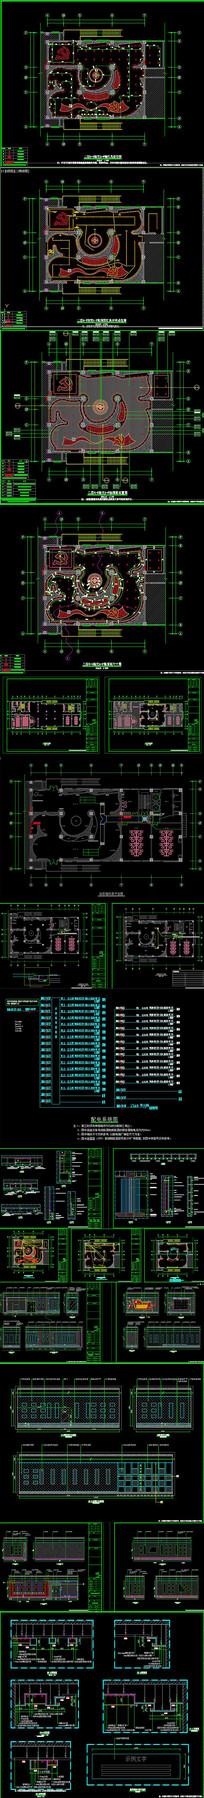 党建文化展厅CAD施工图